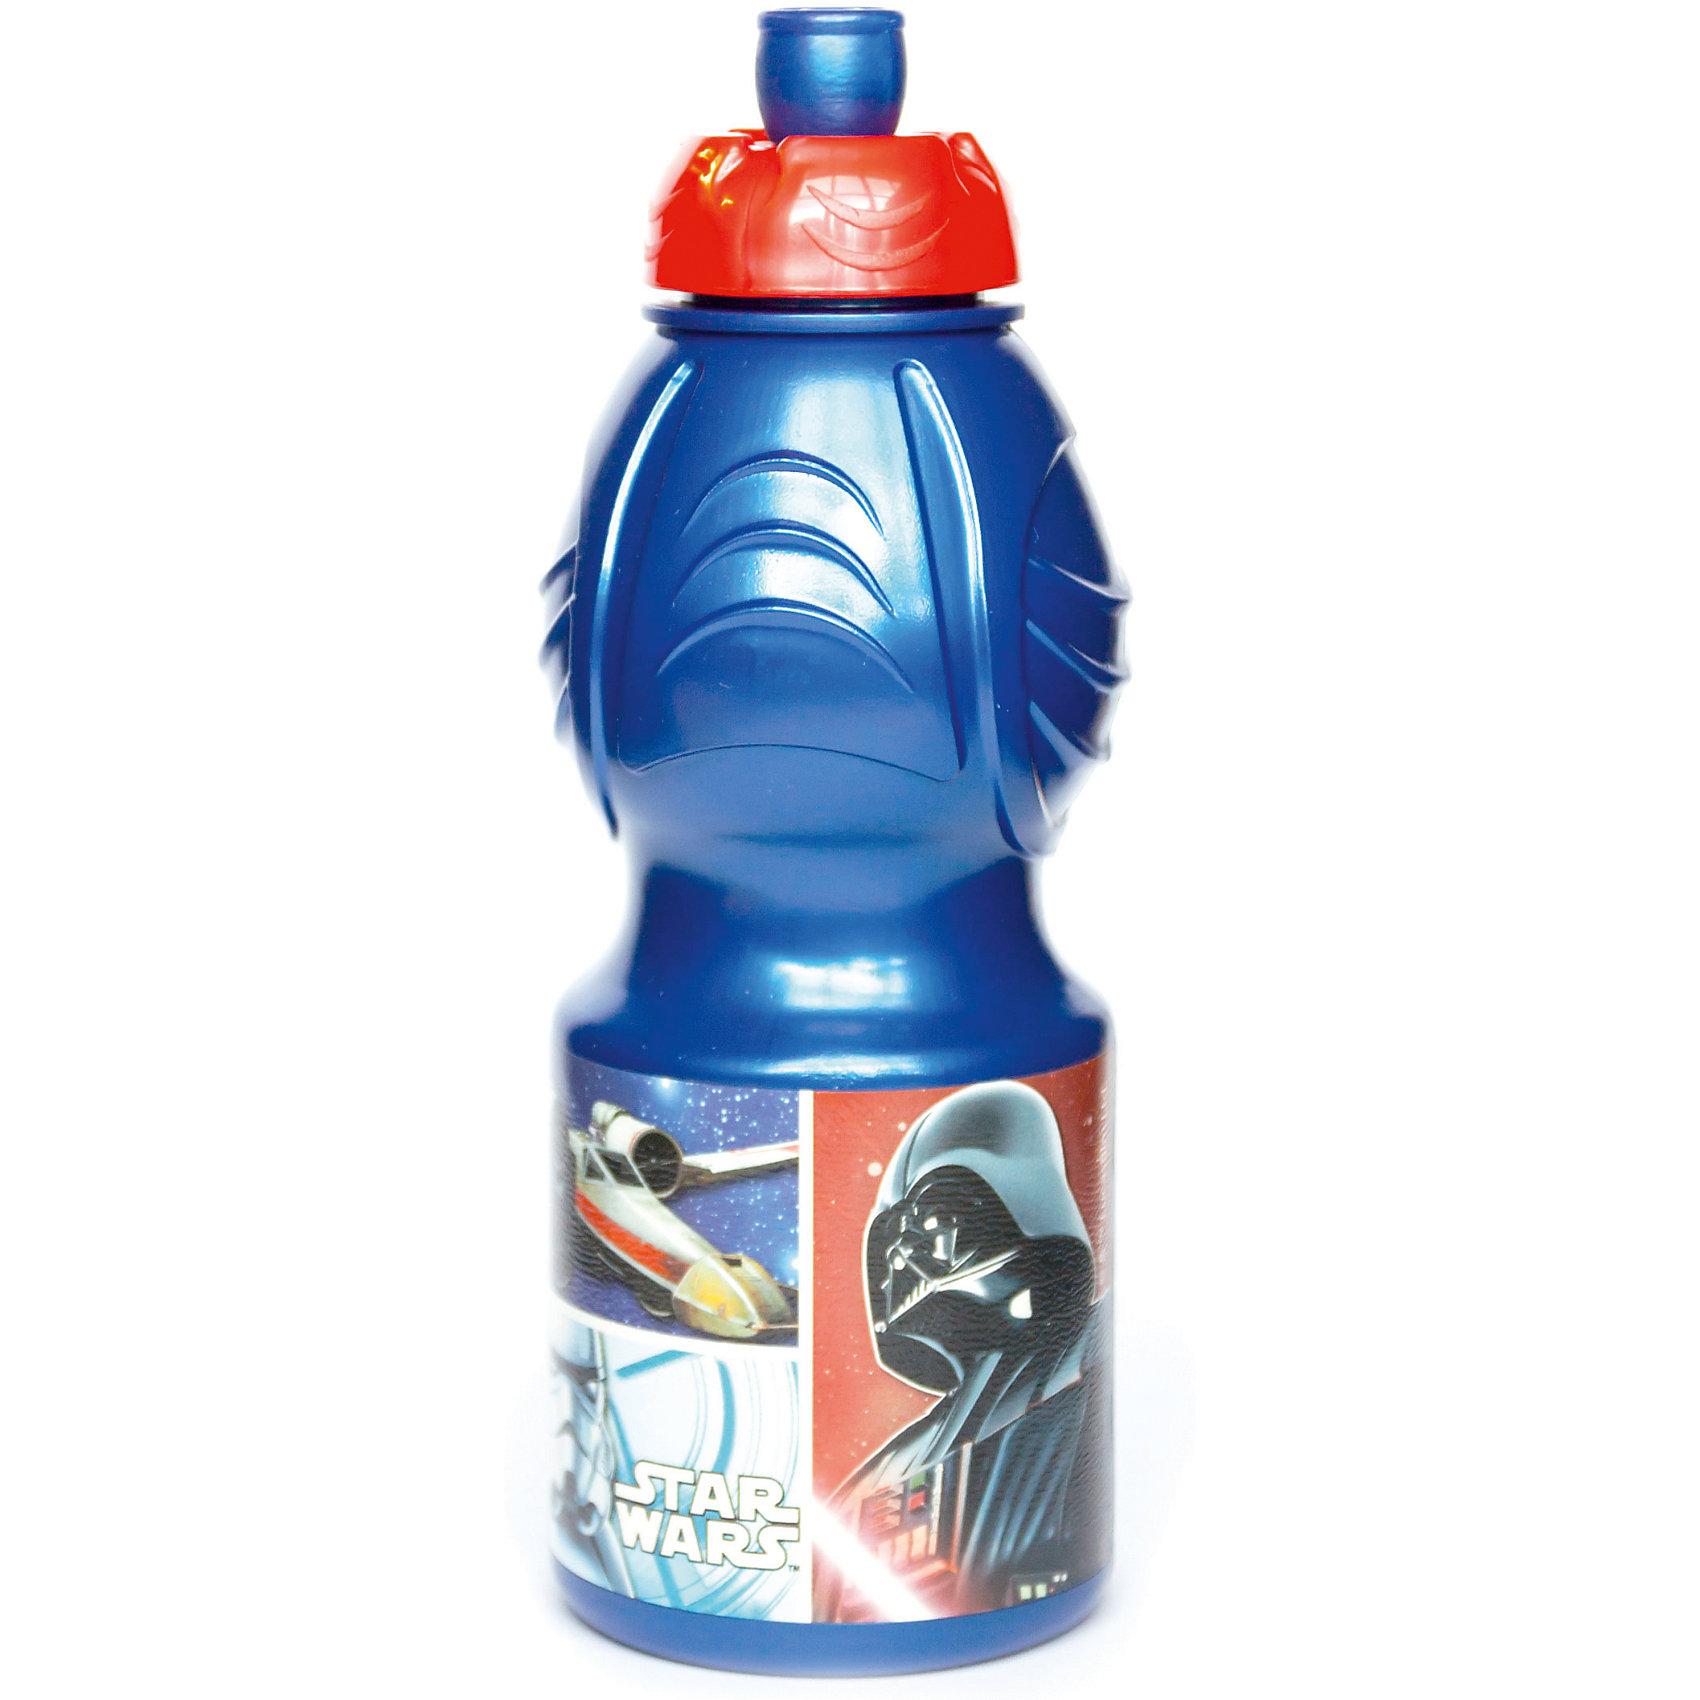 Бутылка пластиковая 400 мл., Звёздные войныБутылки для воды и бутербродницы<br>Спортивная бутылочка для холодных жидкостей из пищевого пластика с изображением любимого персонажа, объем 400 мл.<br><br>Ширина мм: 65<br>Глубина мм: 65<br>Высота мм: 180<br>Вес г: 52<br>Возраст от месяцев: 36<br>Возраст до месяцев: 2147483647<br>Пол: Унисекс<br>Возраст: Детский<br>SKU: 7010317